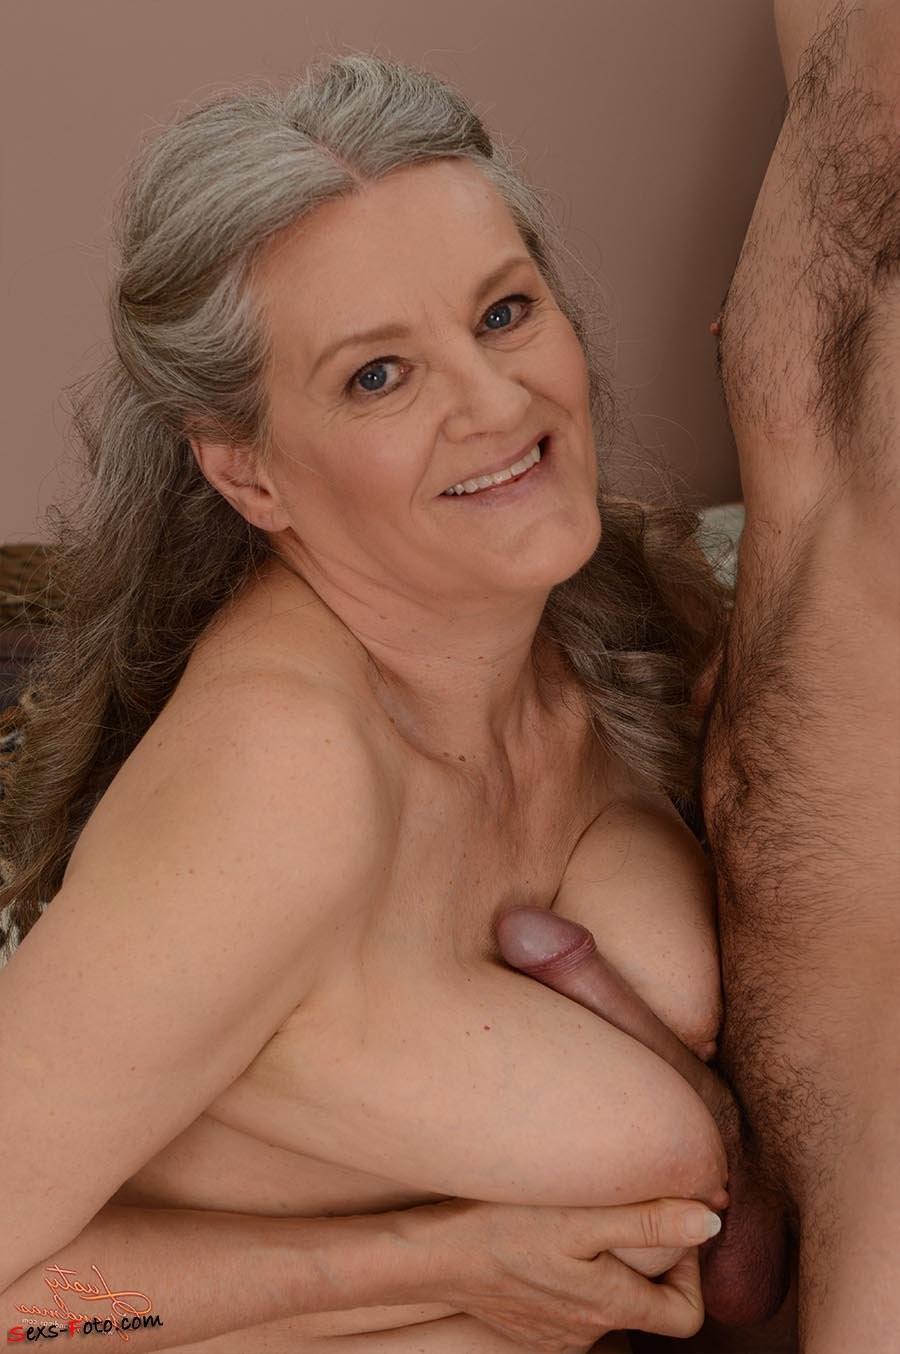 kathi witt nude – BDSM